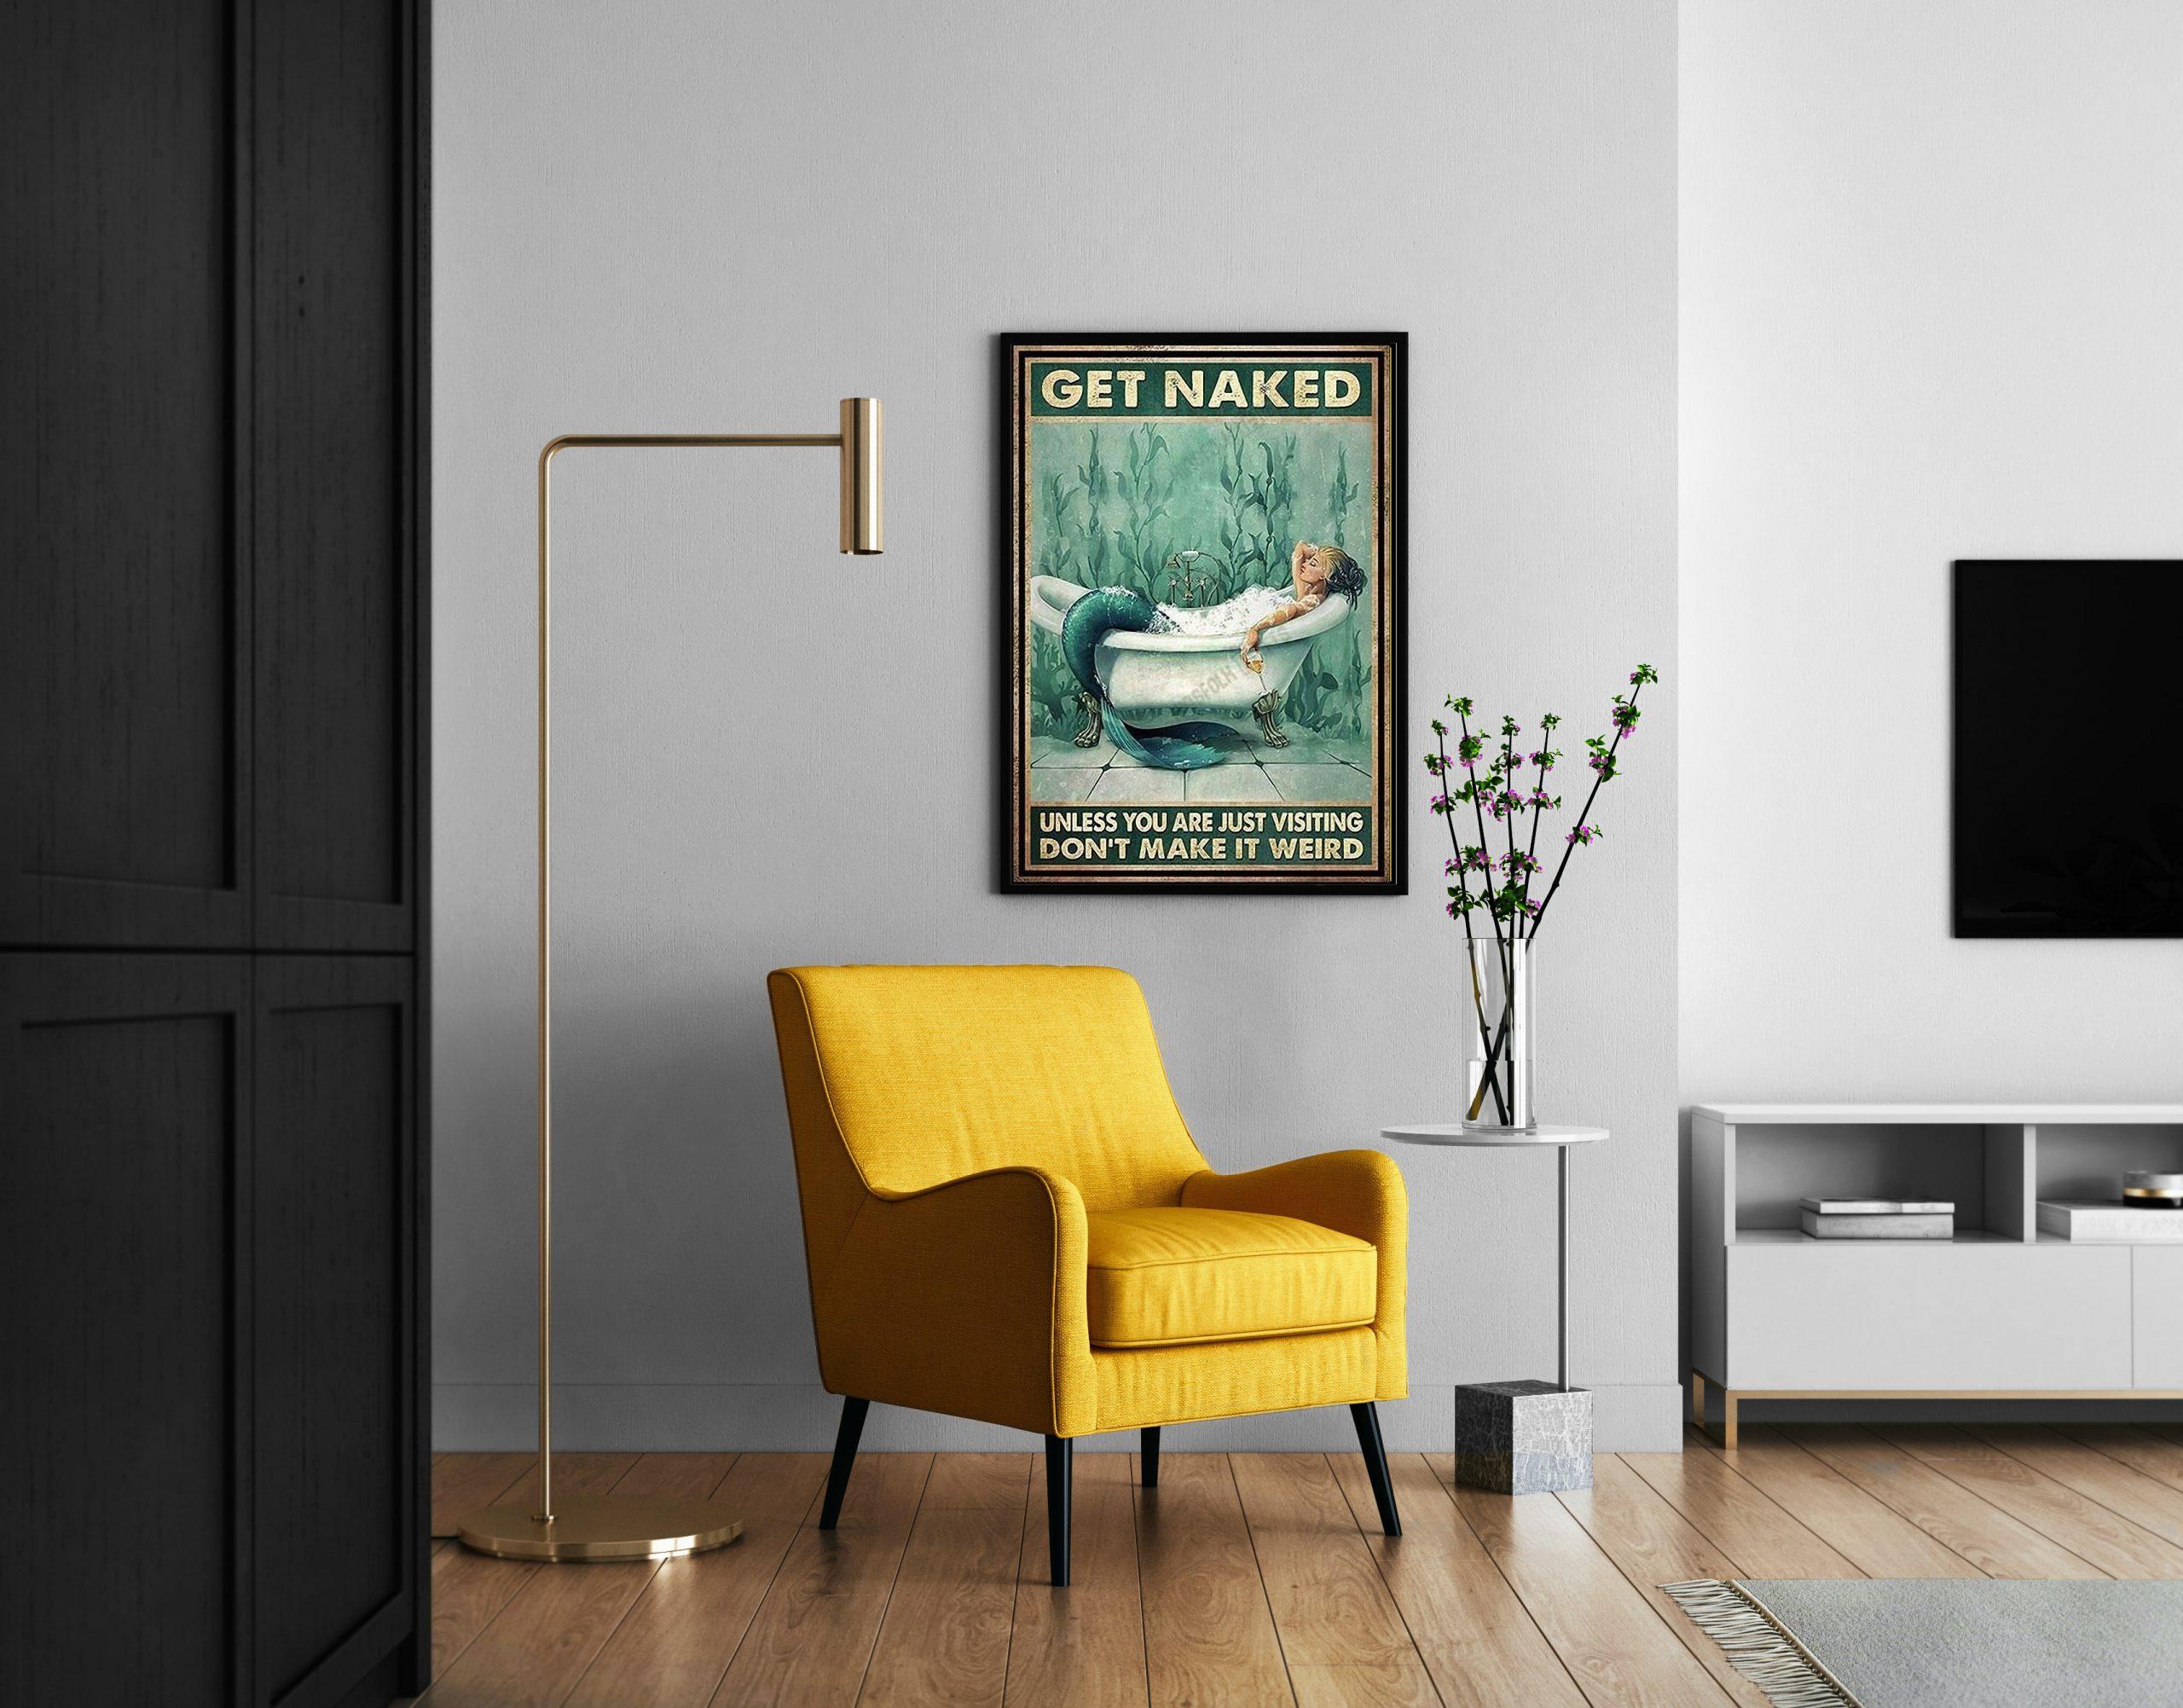 Mermaid get naked in bathroom canvas print